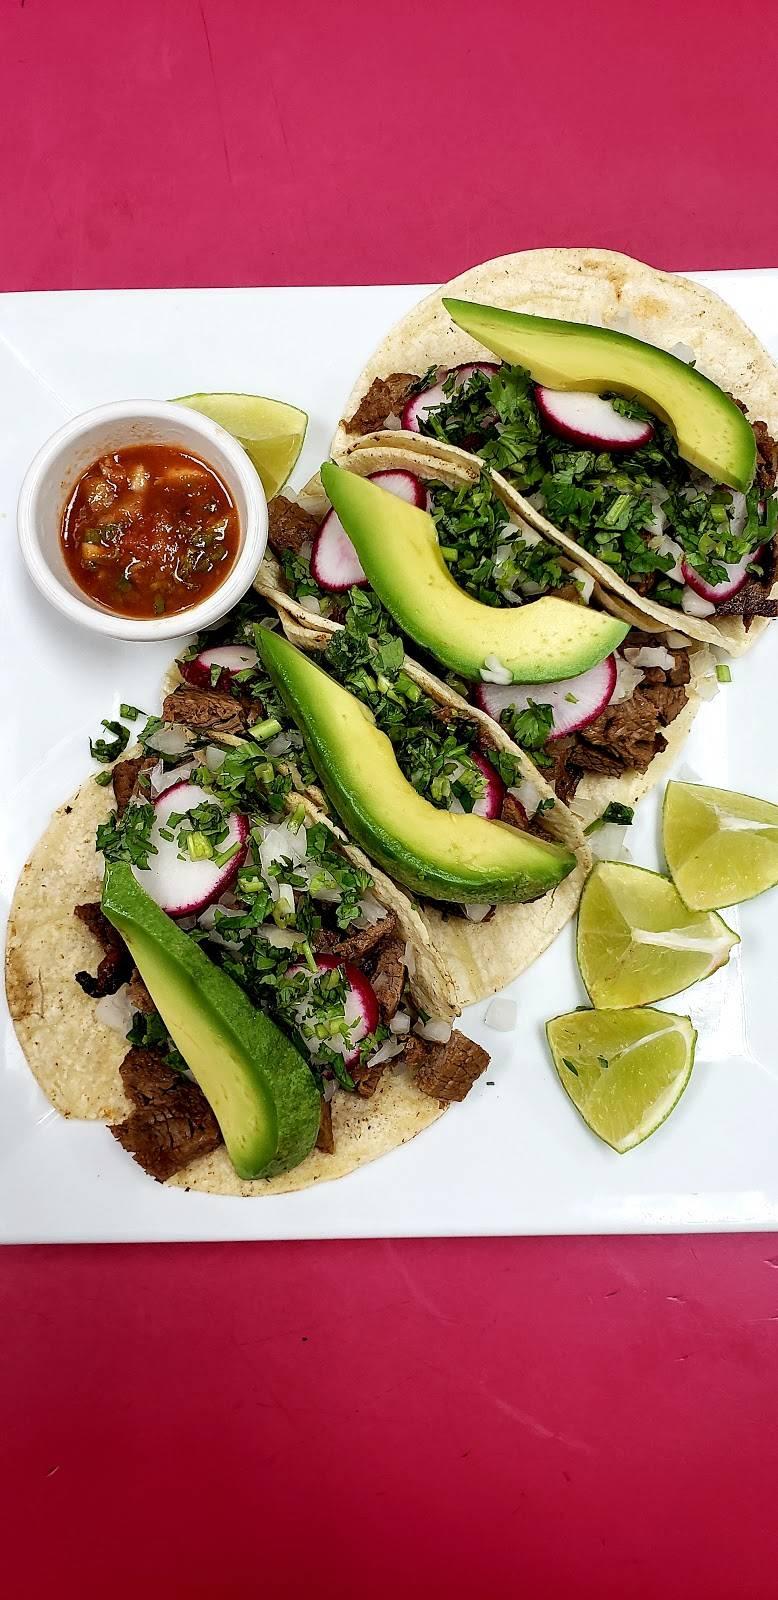 El Maizalito Colombiano | restaurant | 7408 Bergenline Ave, North Bergen, NJ 07047, USA | 2012950829 OR +1 201-295-0829